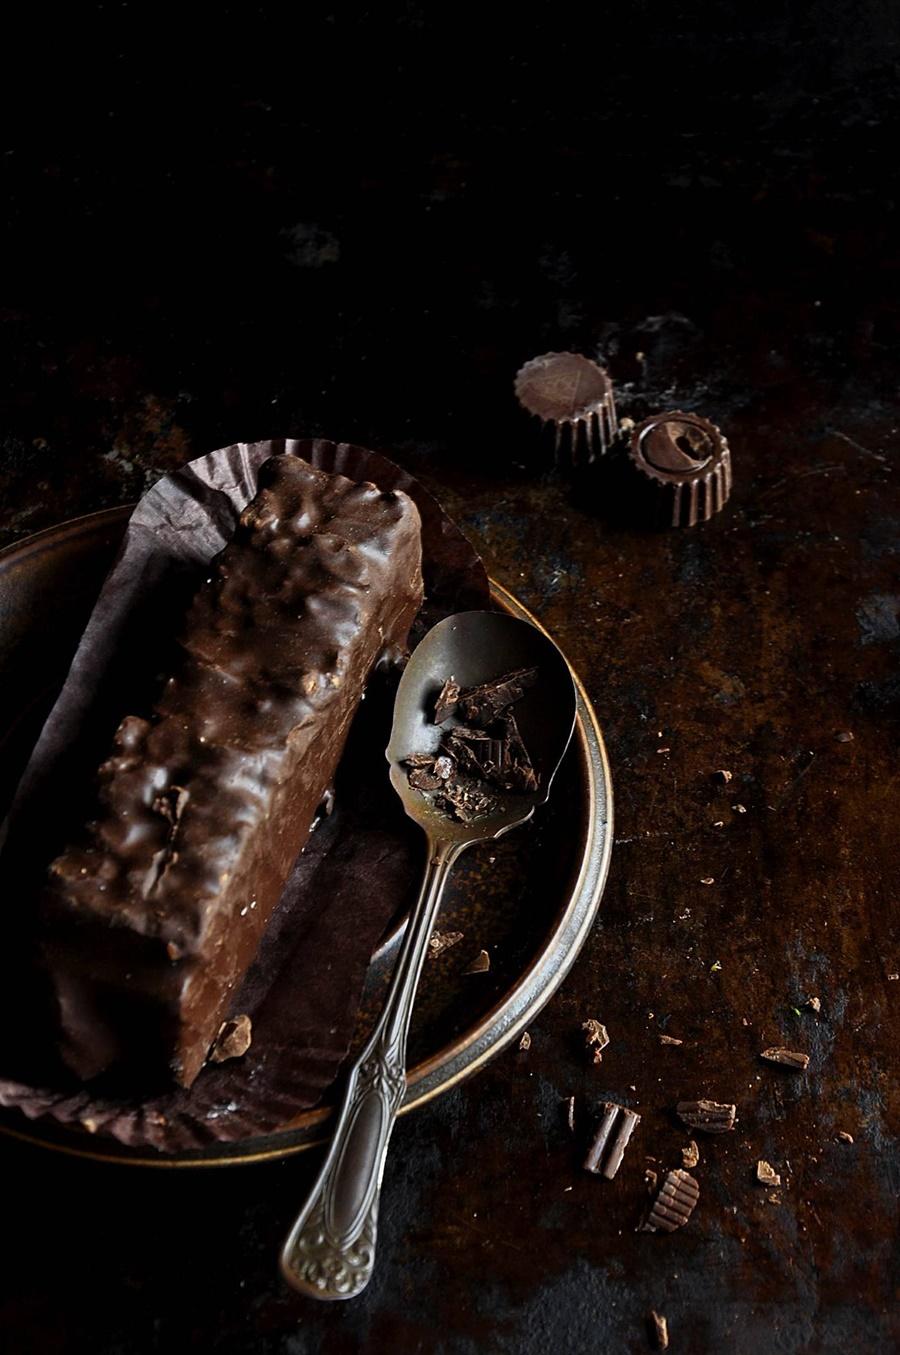 Słodycze rzucałam, ale zaraz wracałam do tego zła wcielonego w czekoladzie.